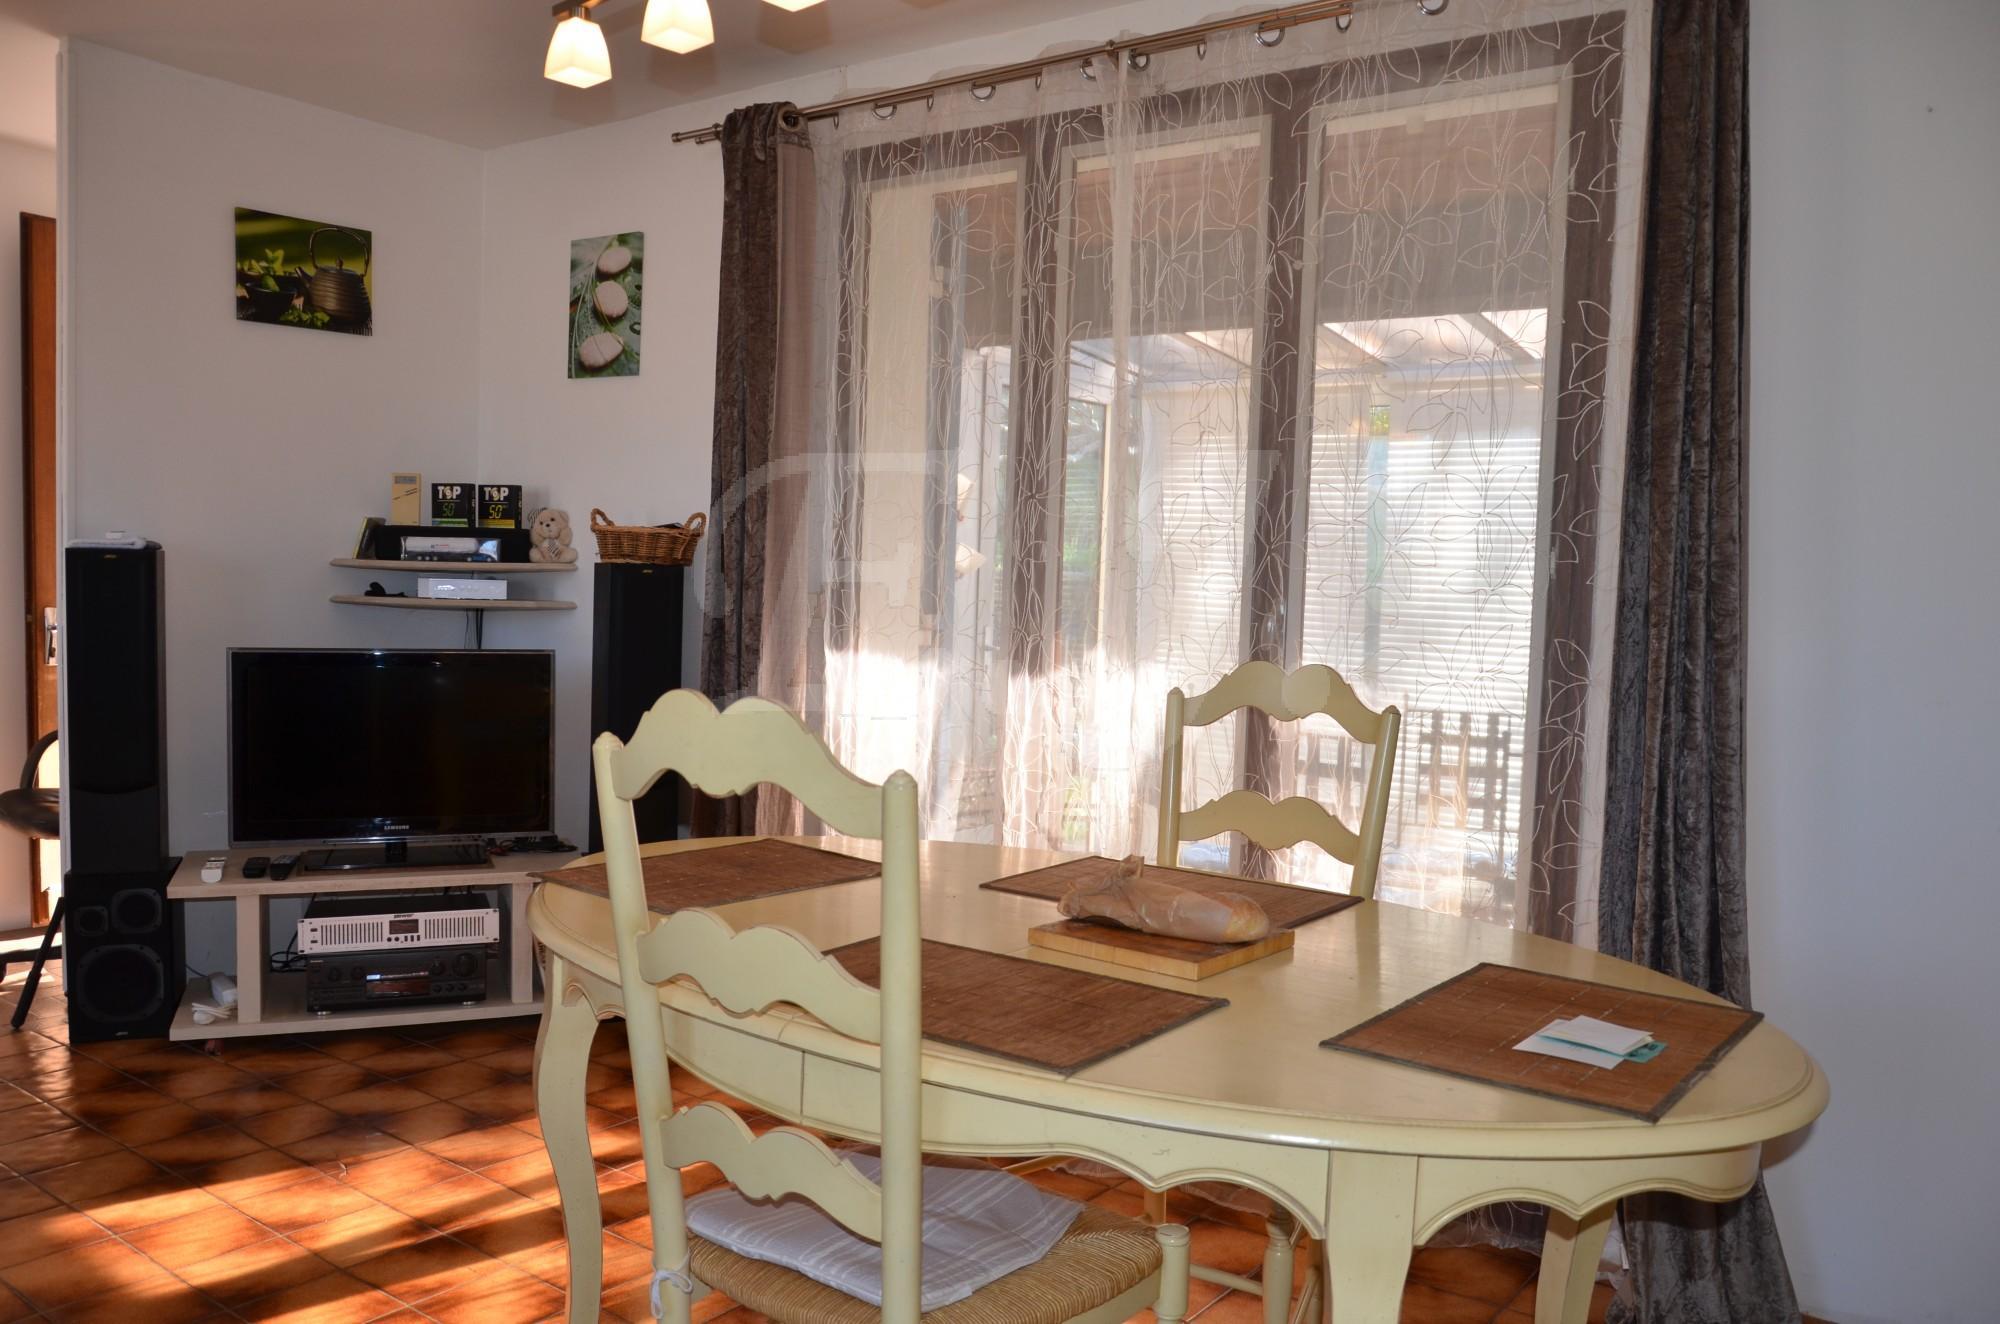 ventes maison t3 f3 gargas au coeur du village avec une vue panoramique sur les monts de. Black Bedroom Furniture Sets. Home Design Ideas